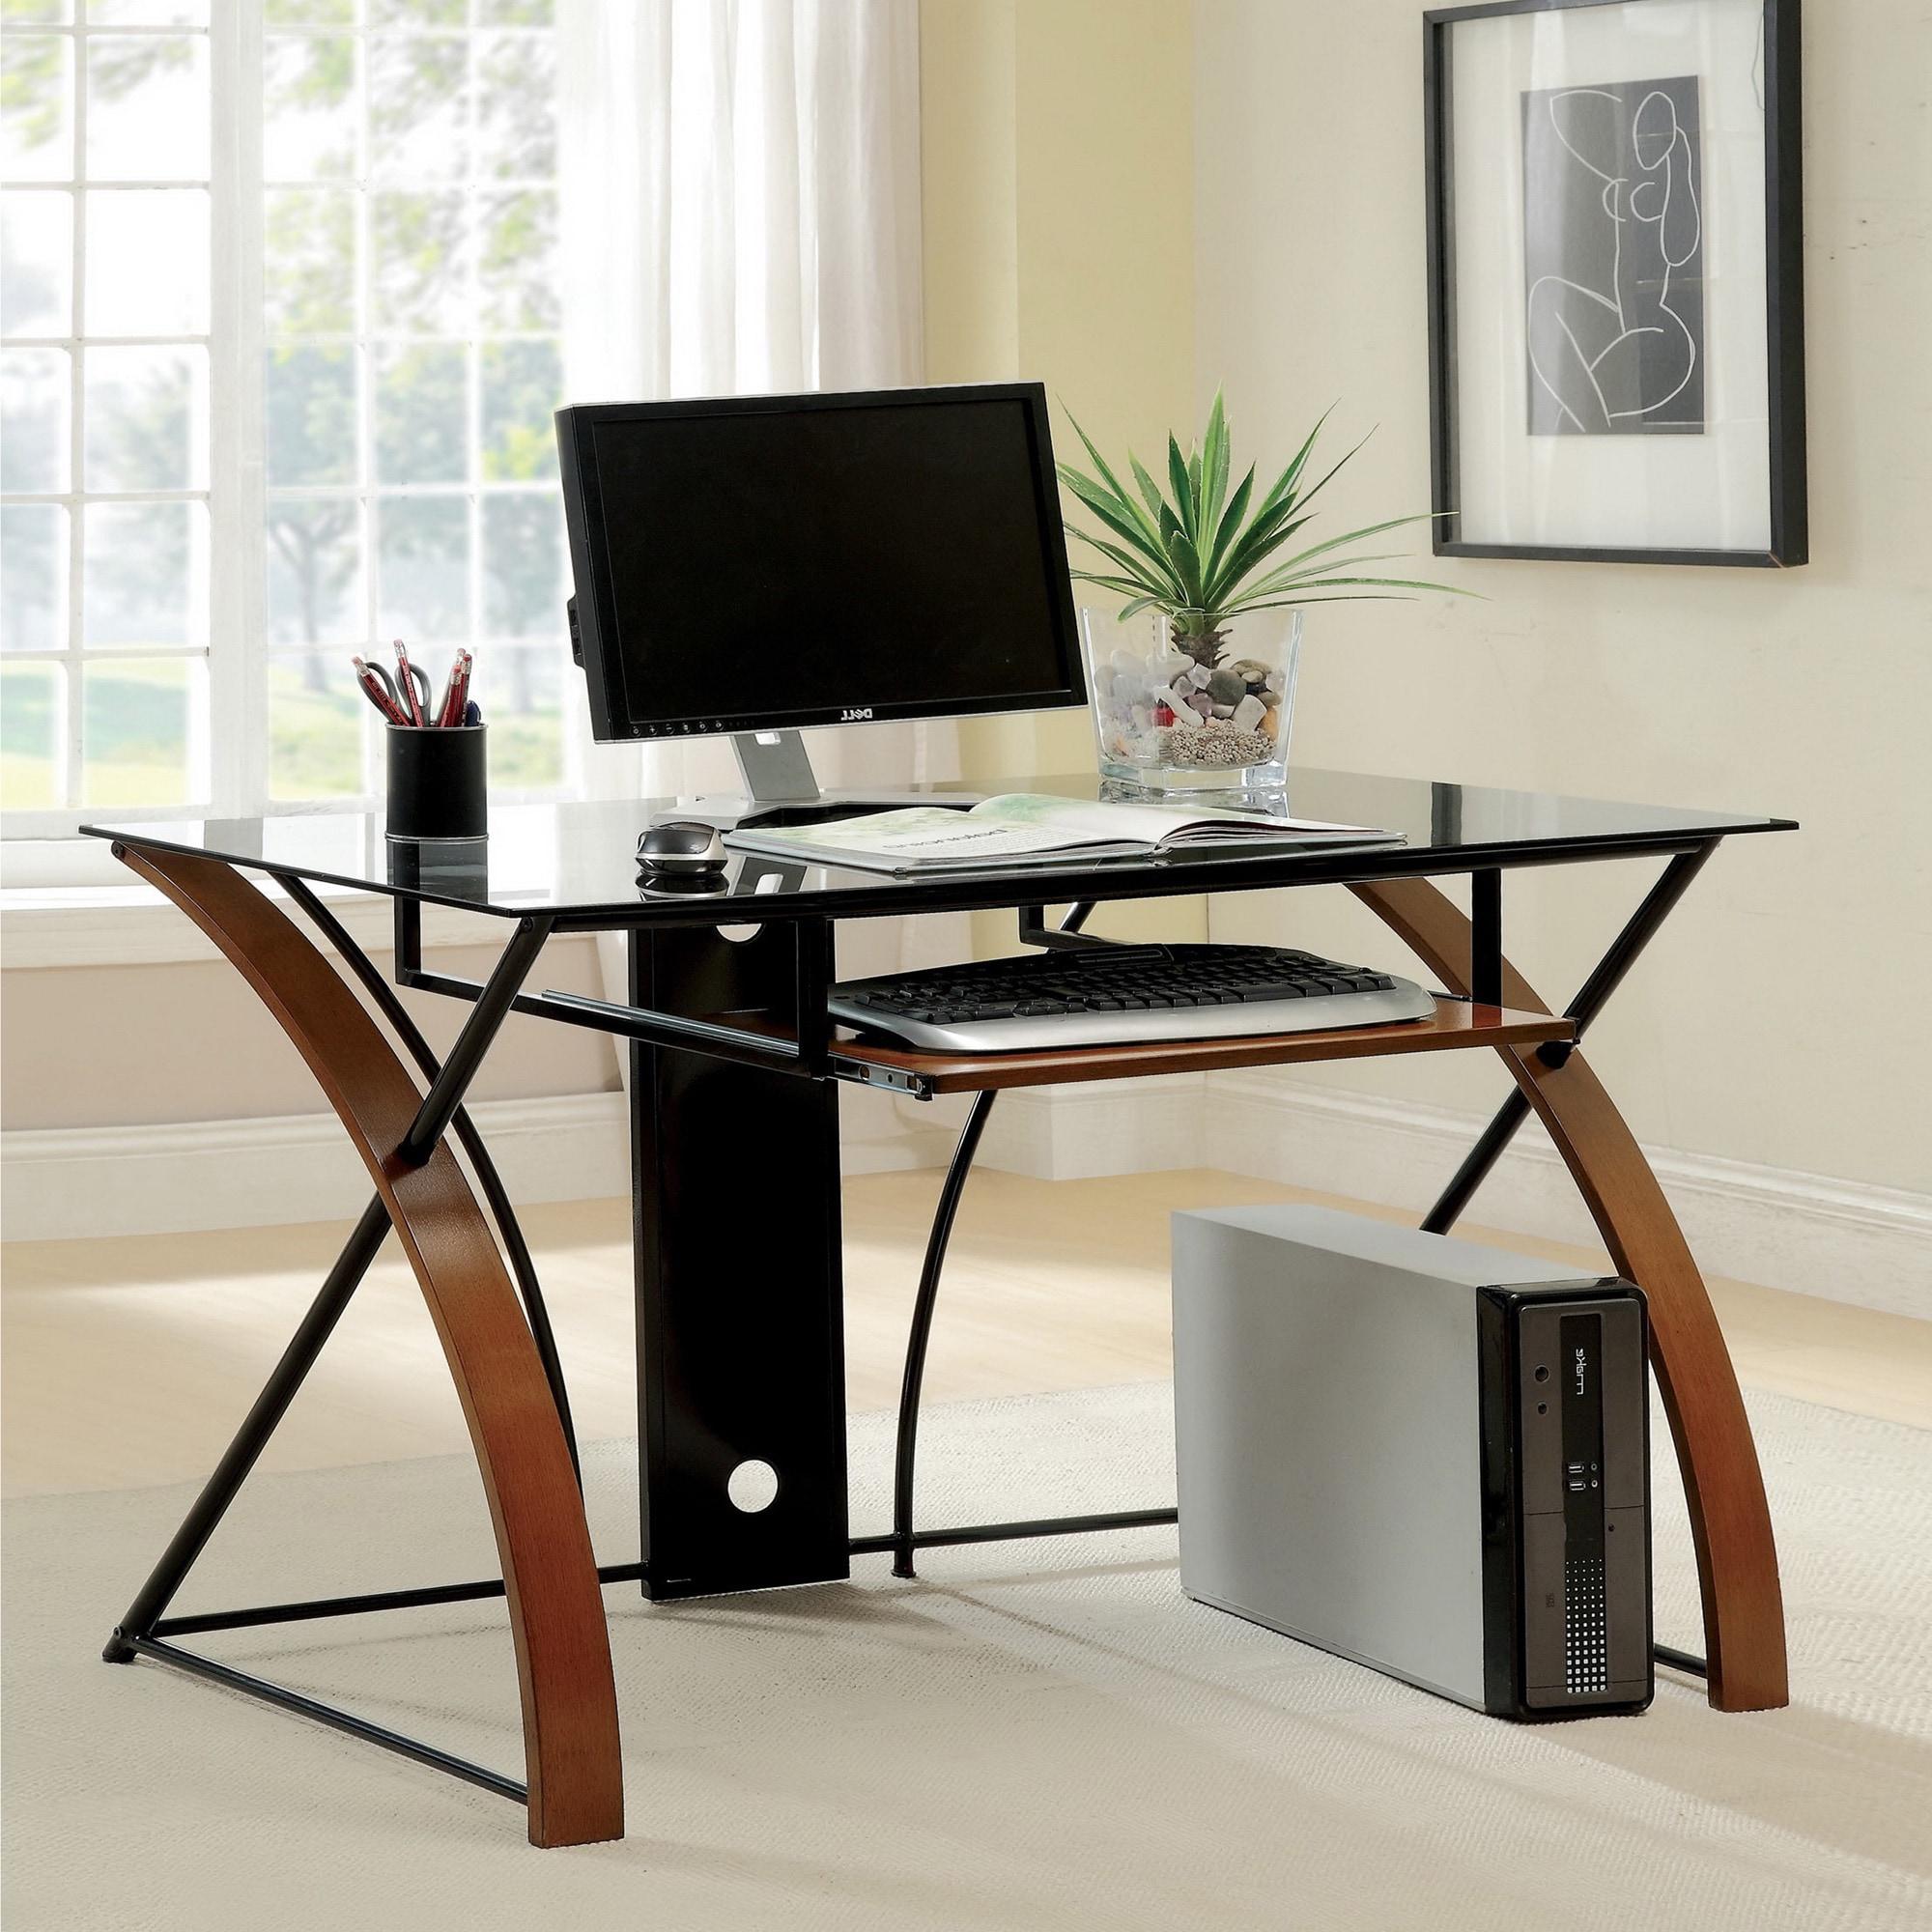 Furniture of America Falt Modern Black Solid Wood Computer Desk